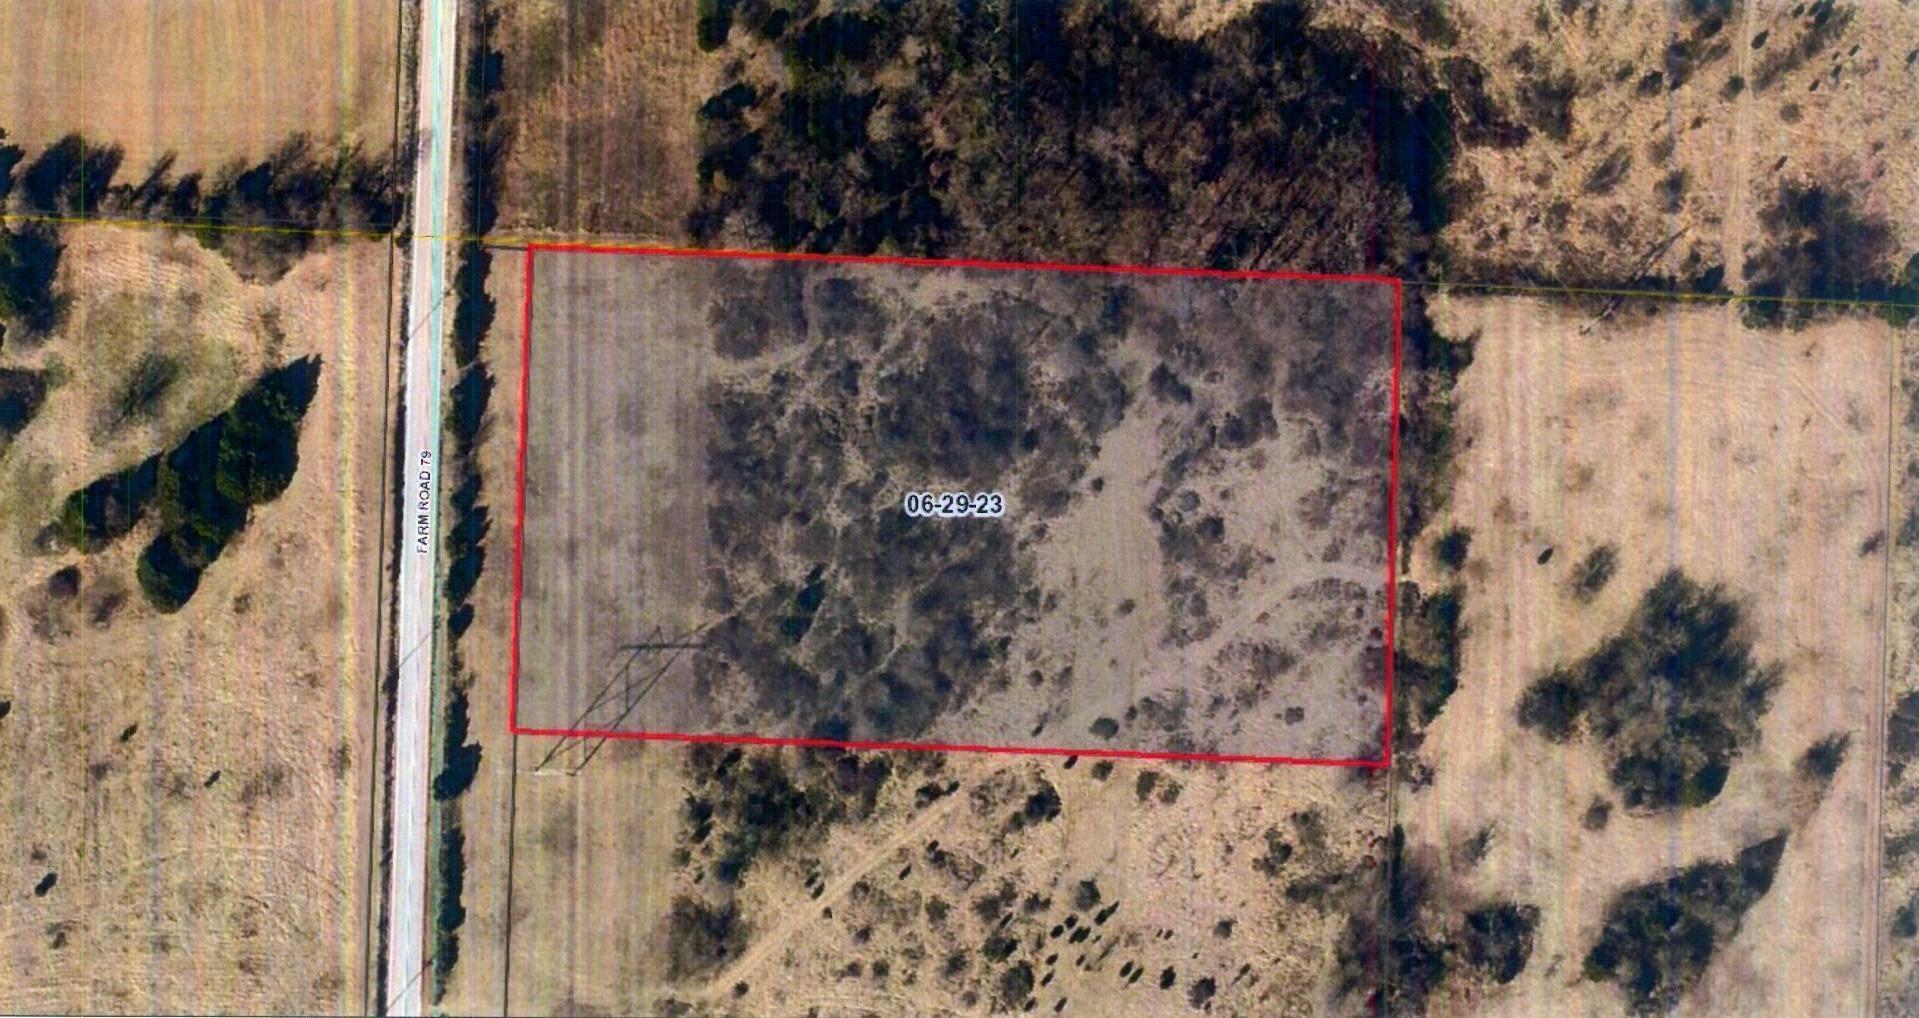 Tbd North Farm Road 79 Willard, MO 65781